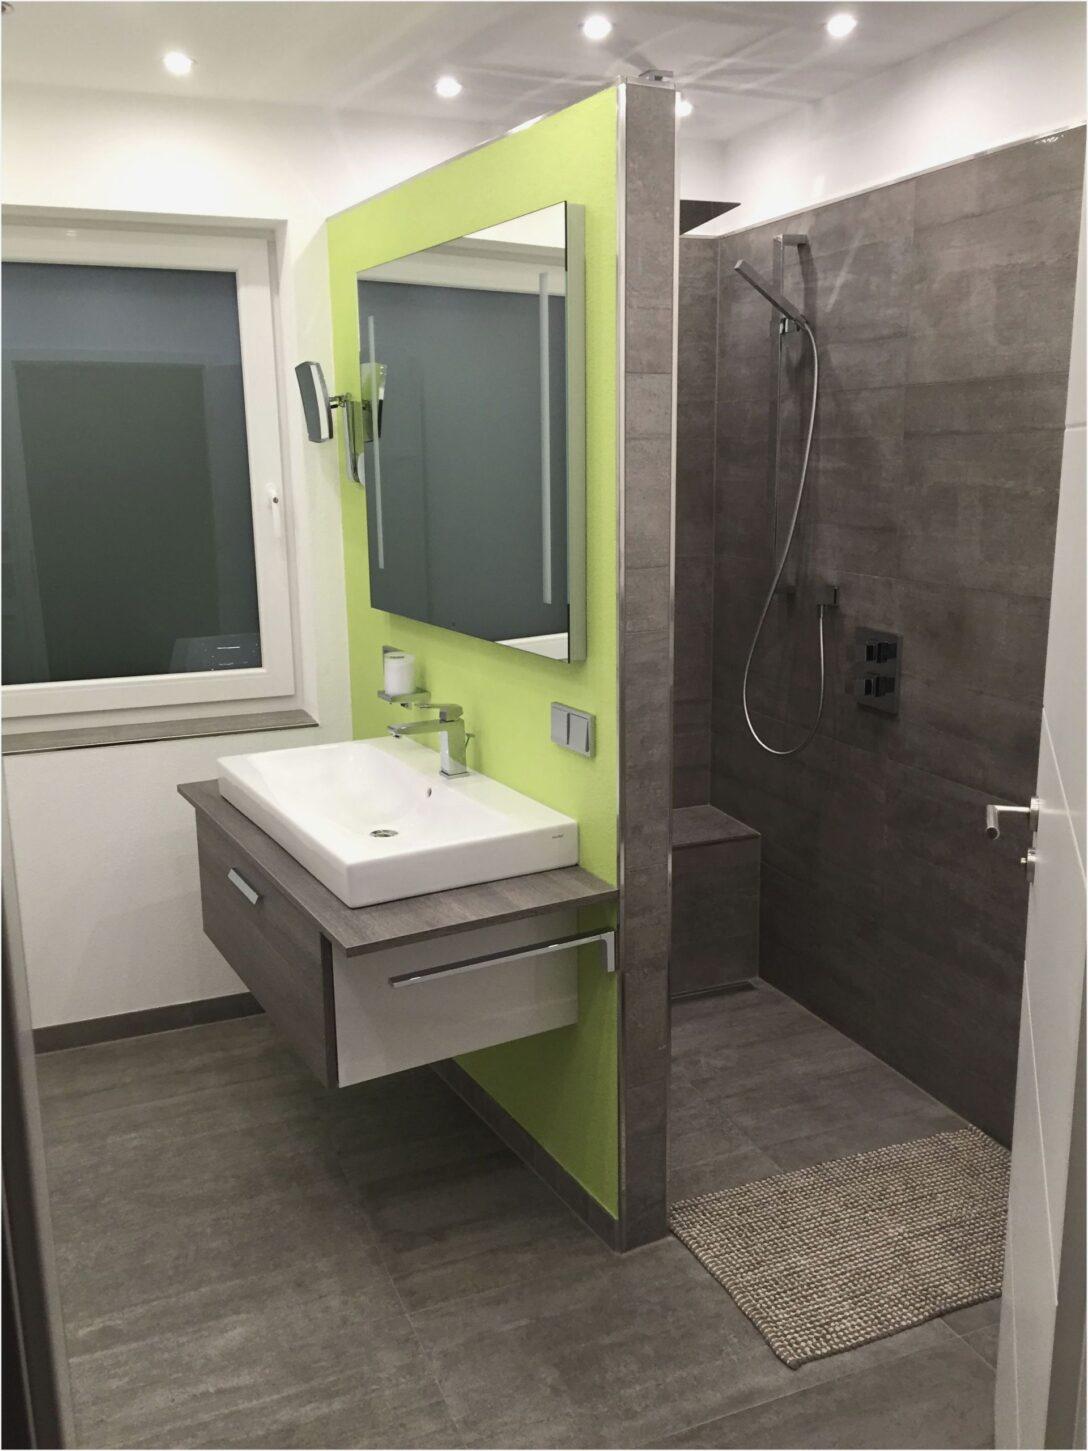 Large Size of Ebenerdige Dusche Kleine Badezimmer Ankleidezimmer Traumhaus Bodengleiche Duschen Badewanne Barrierefreie Kaufen Schulte Nachträglich Einbauen Einhebelmischer Dusche Ebenerdige Dusche